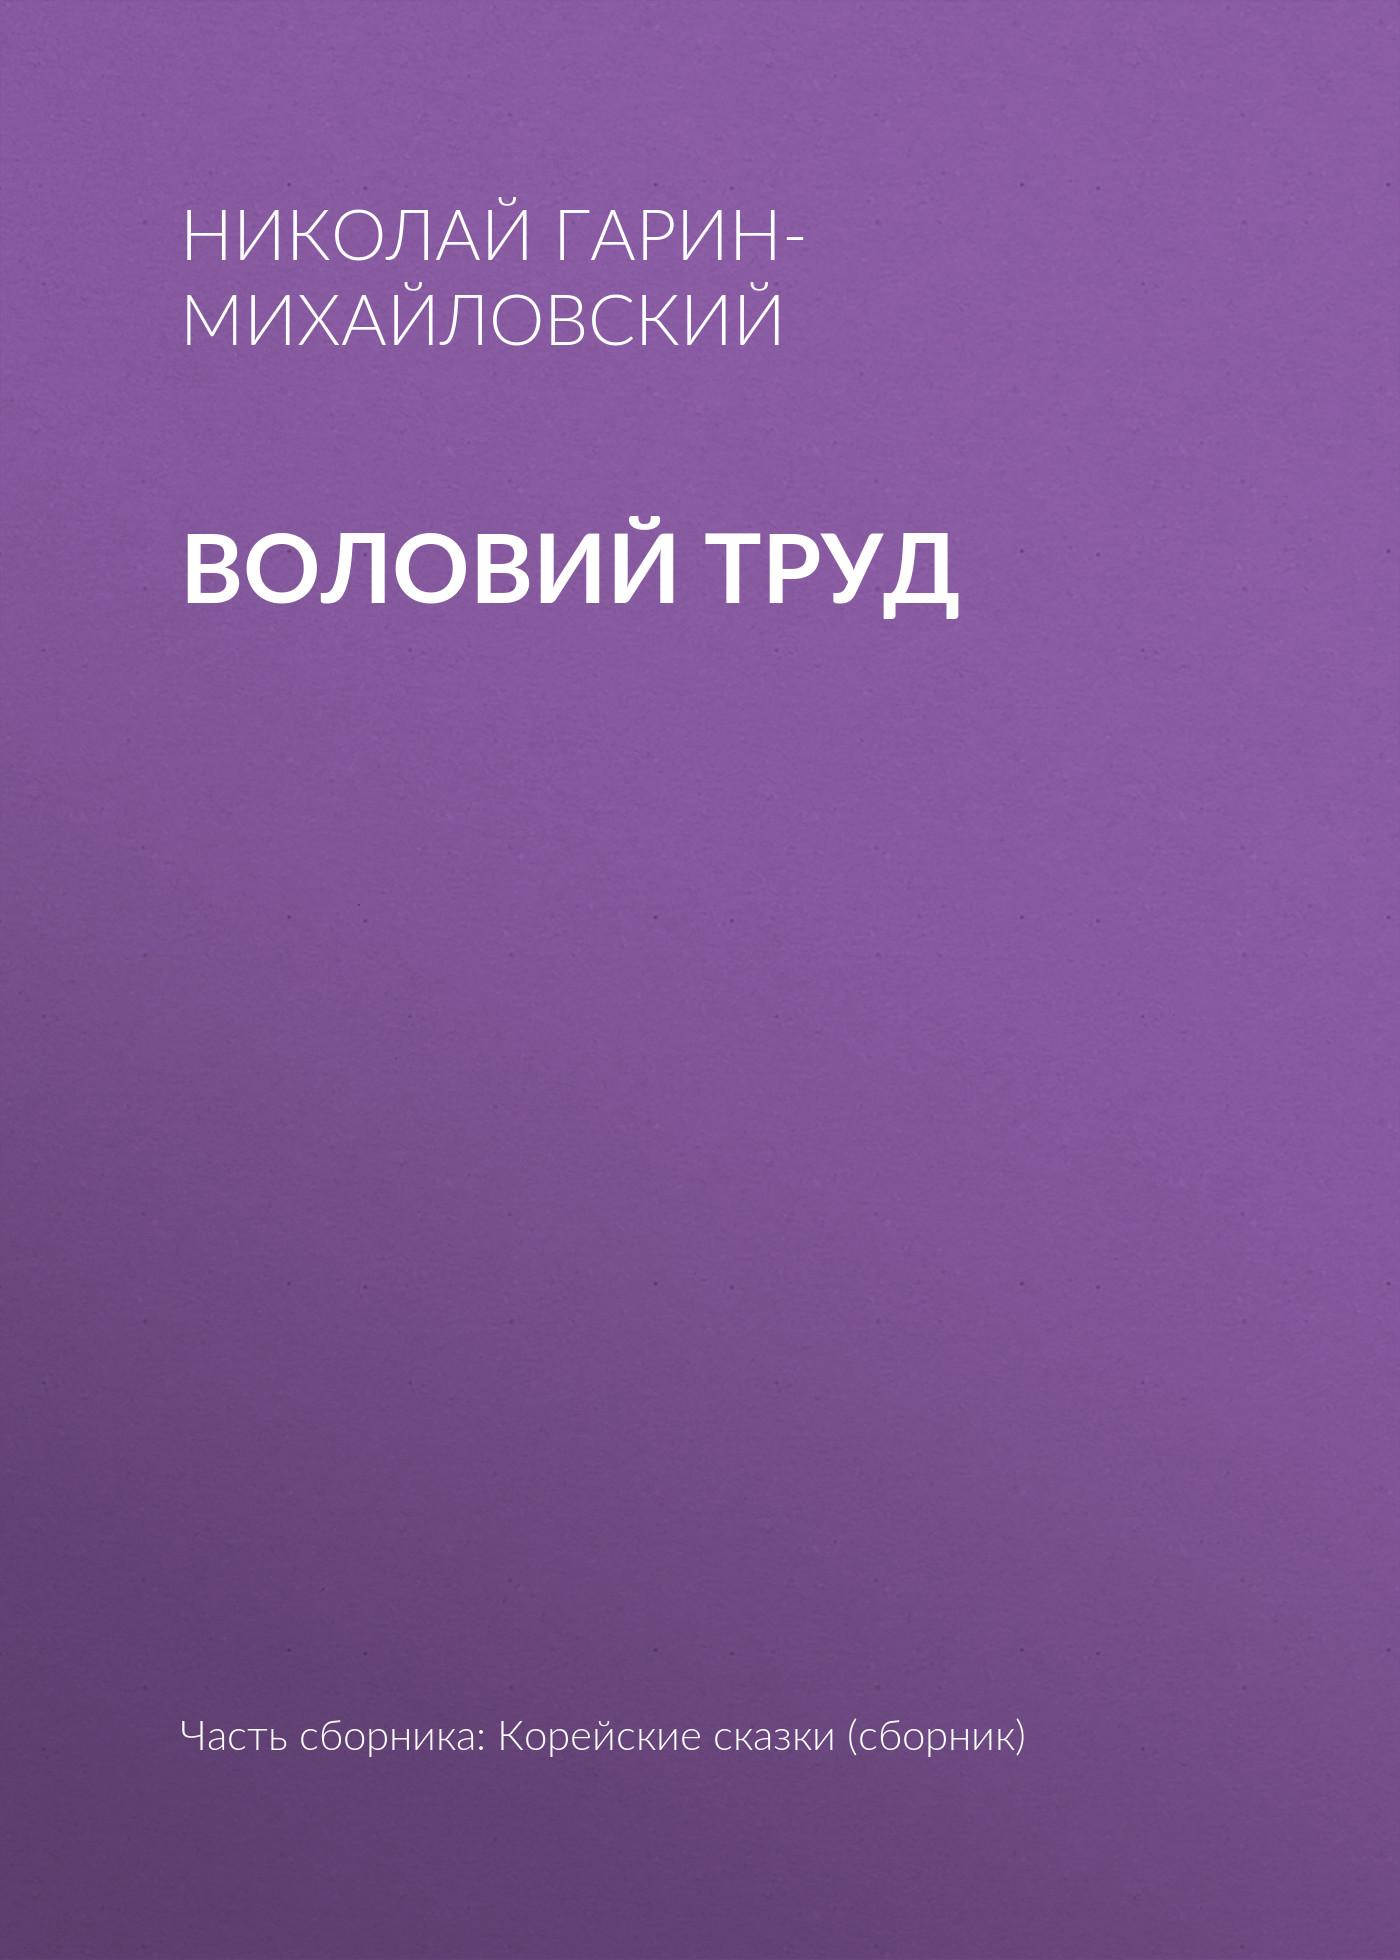 цена на Николай Гарин-Михайловский Воловий труд